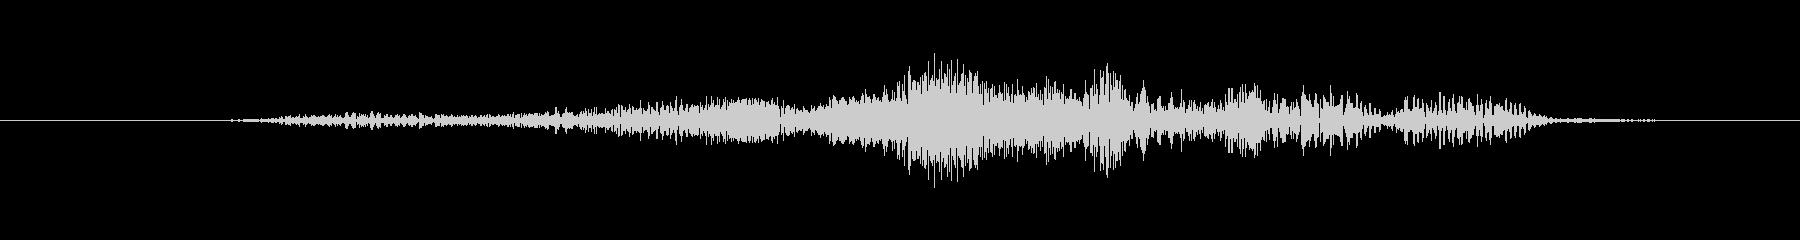 鳴き声 ボーカルネイ04の未再生の波形